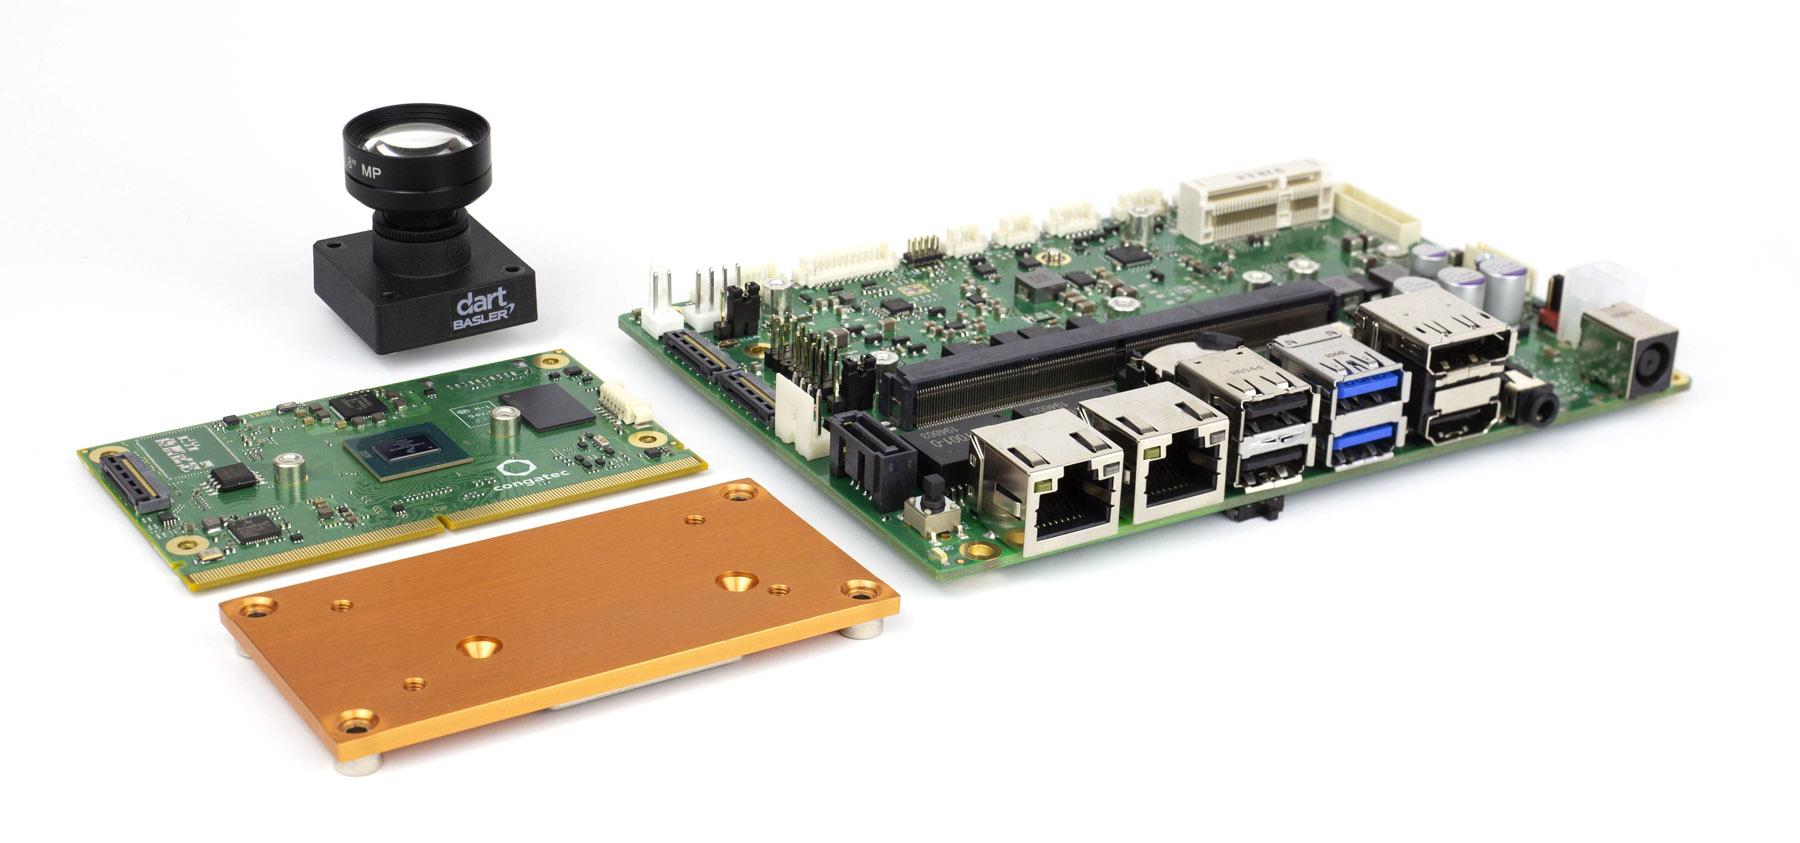 Starterset für KI-beschleunigte Embedded-Vision-Anwendungen